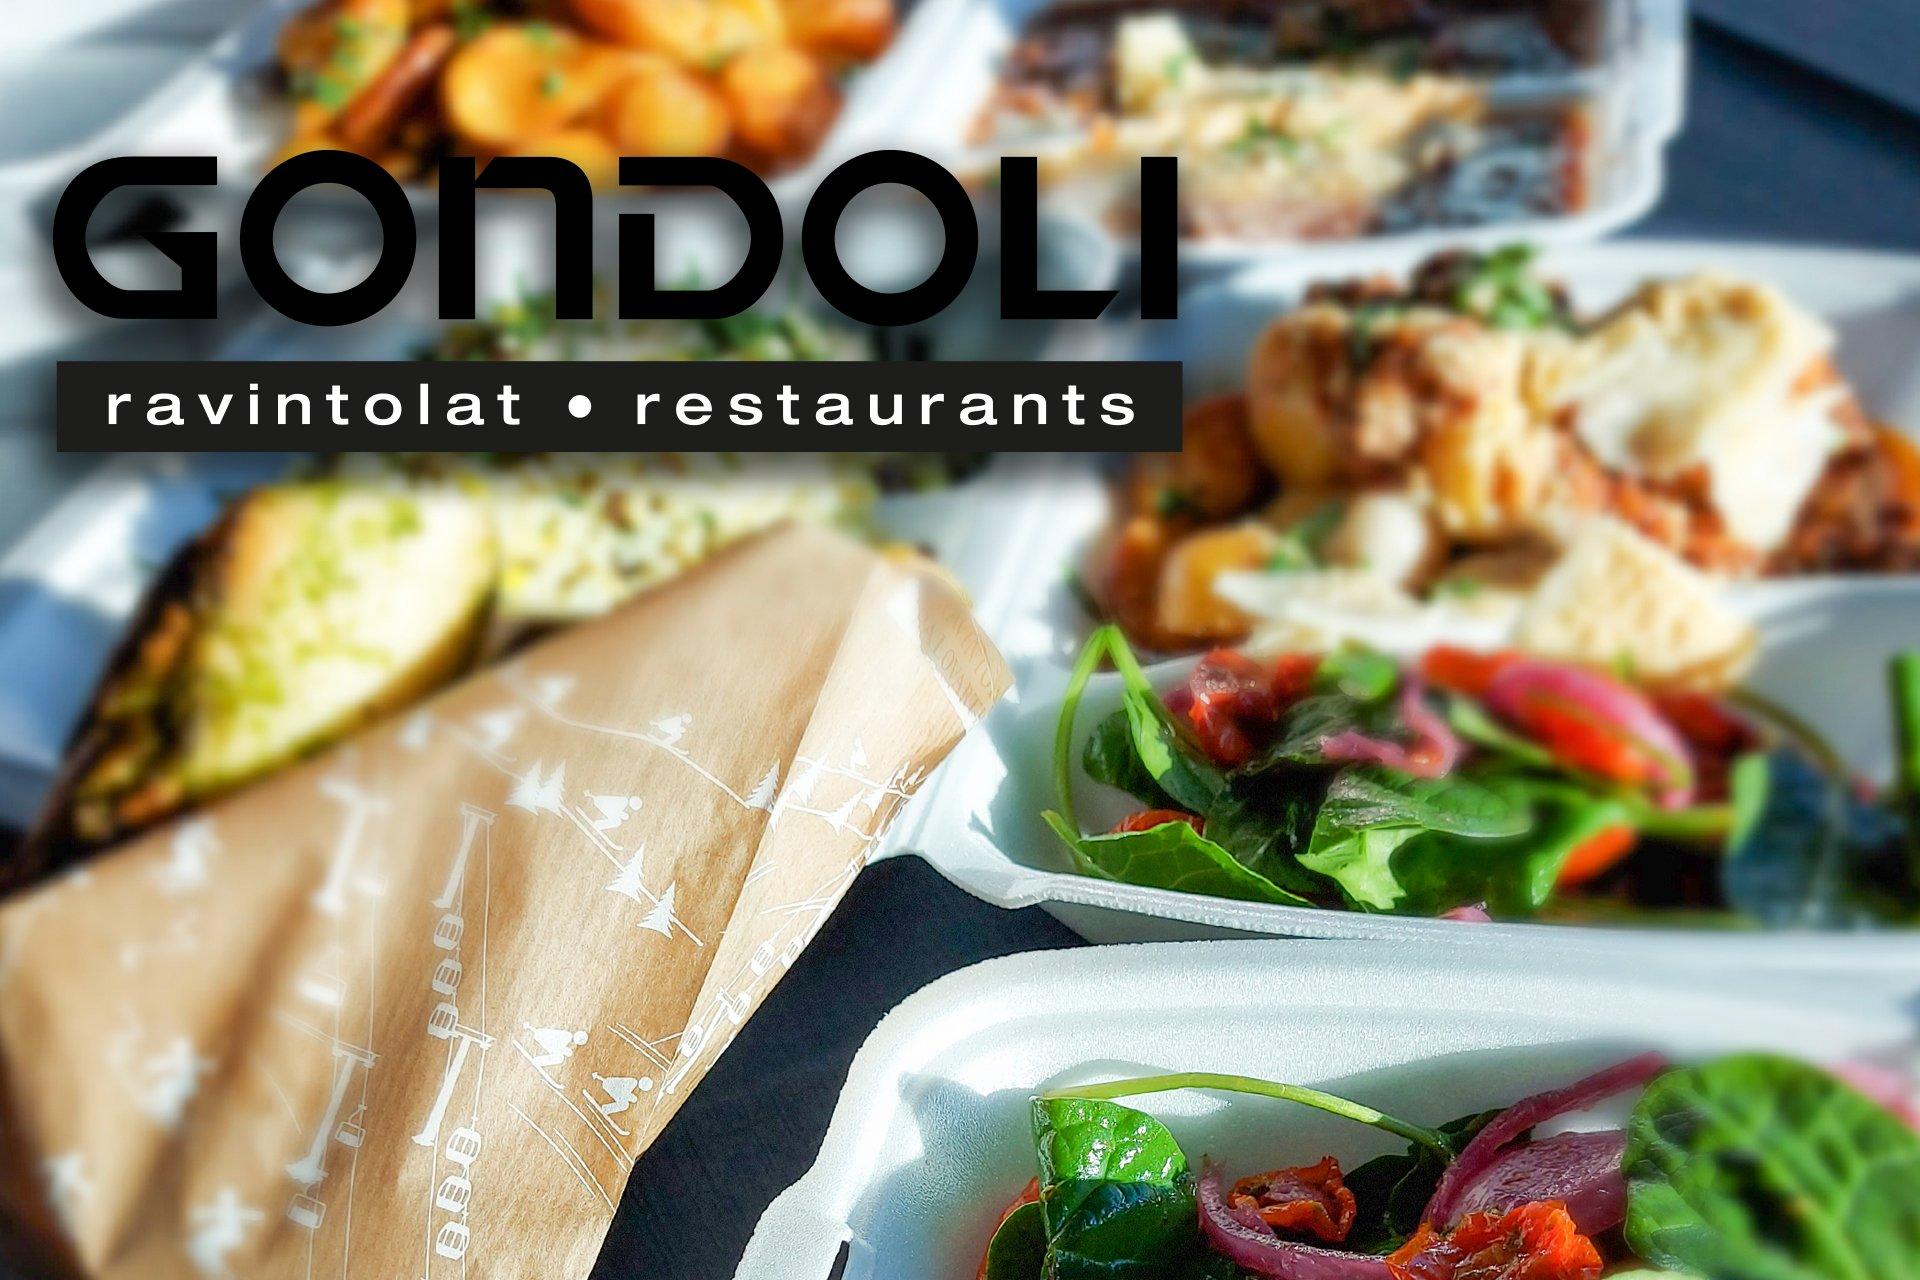 Restaurants-gondoli-1920x1280